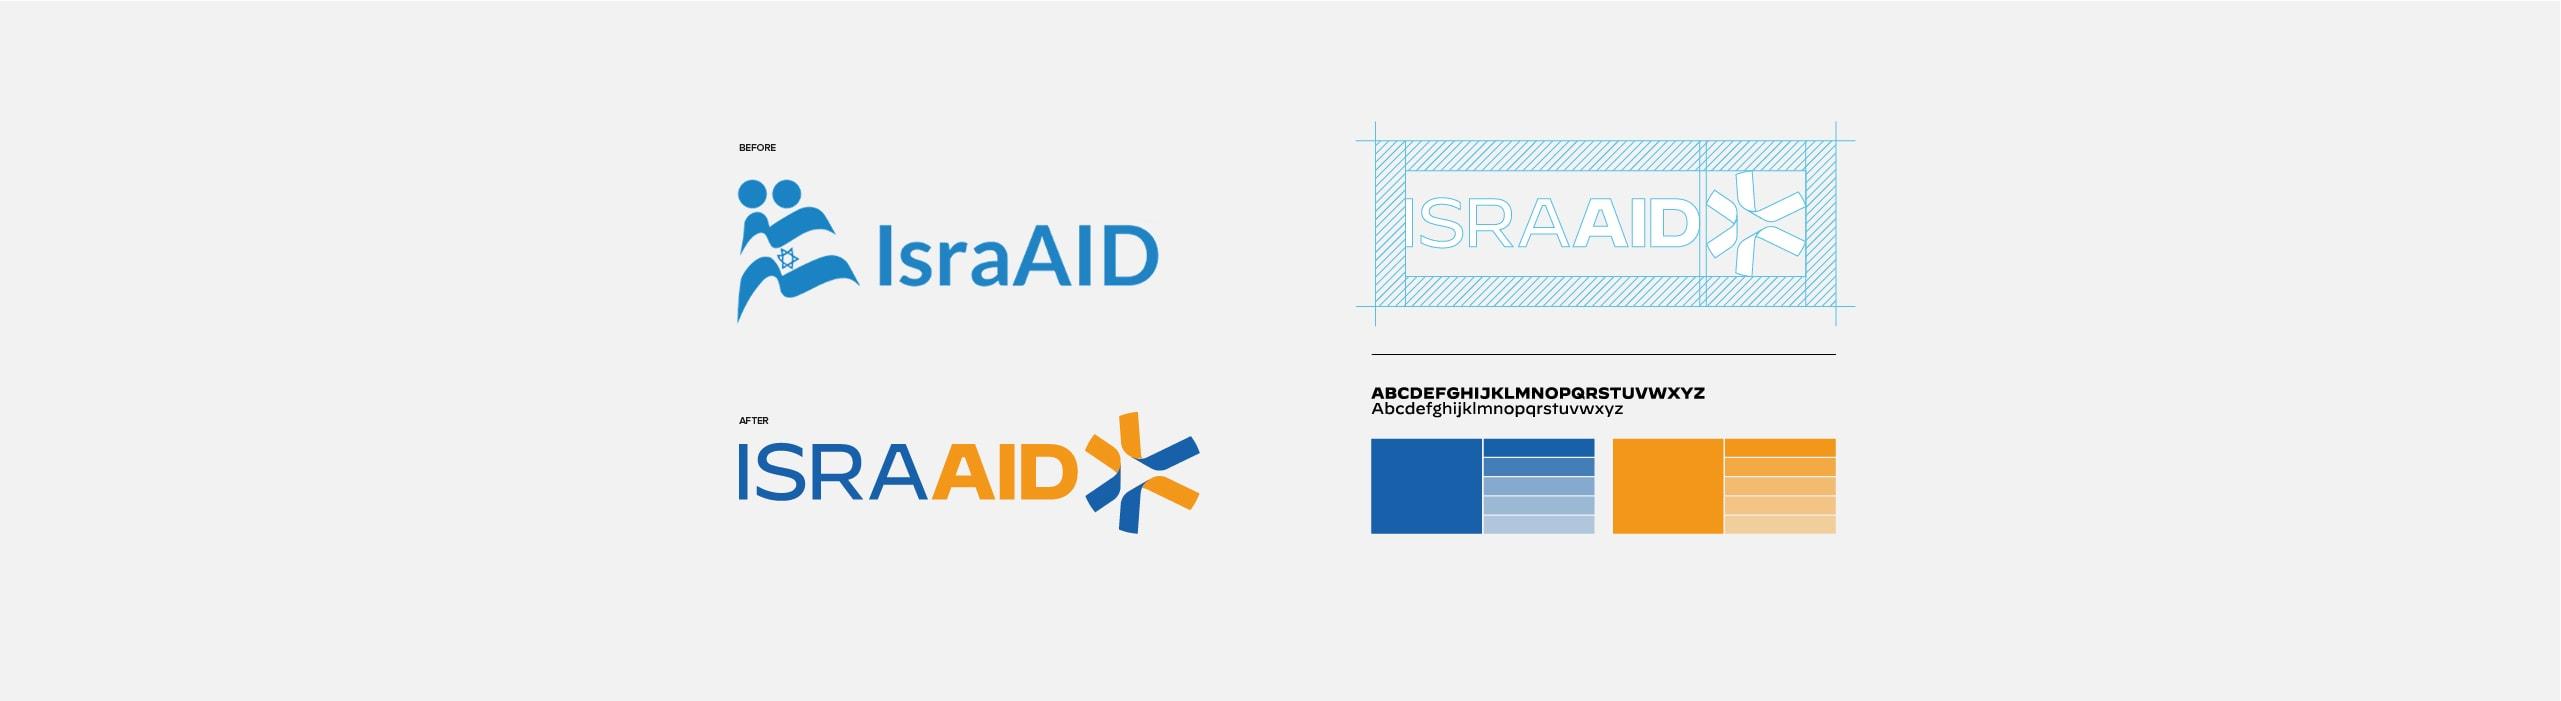 IsraAID - 02 - Natie Branding Agency